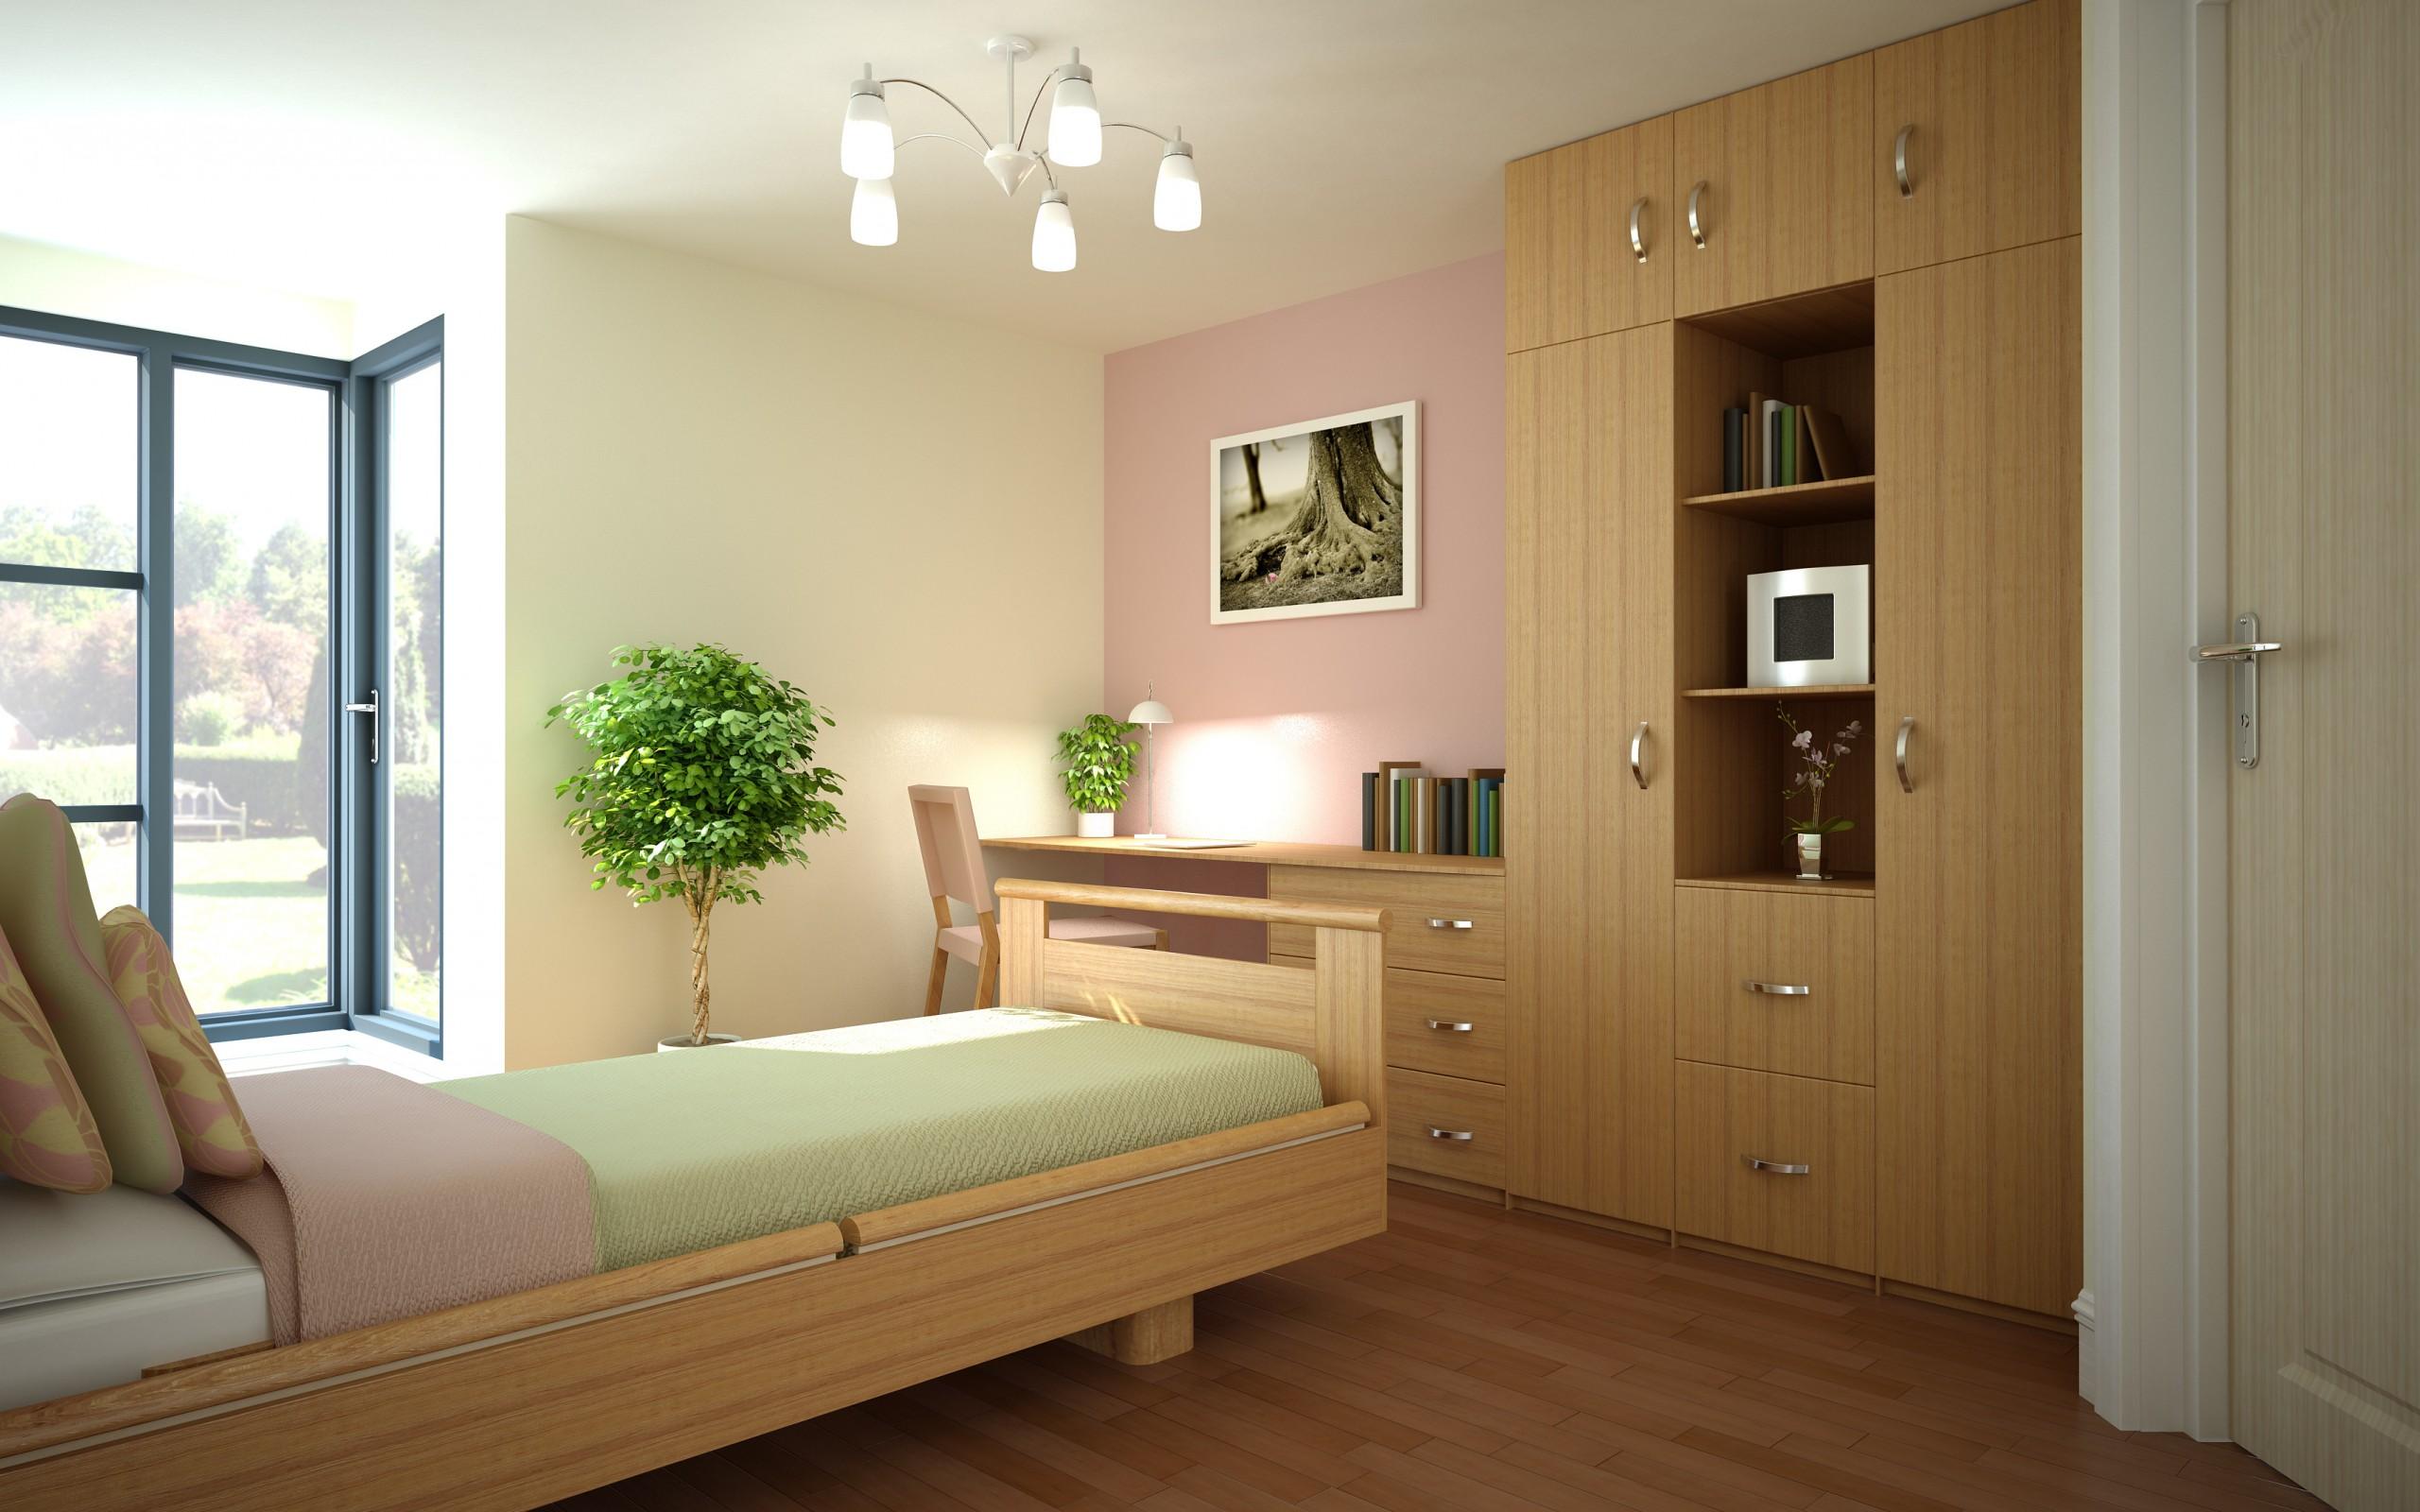 اصول طراحی دکوراسیون داخلی خانه های کوچک